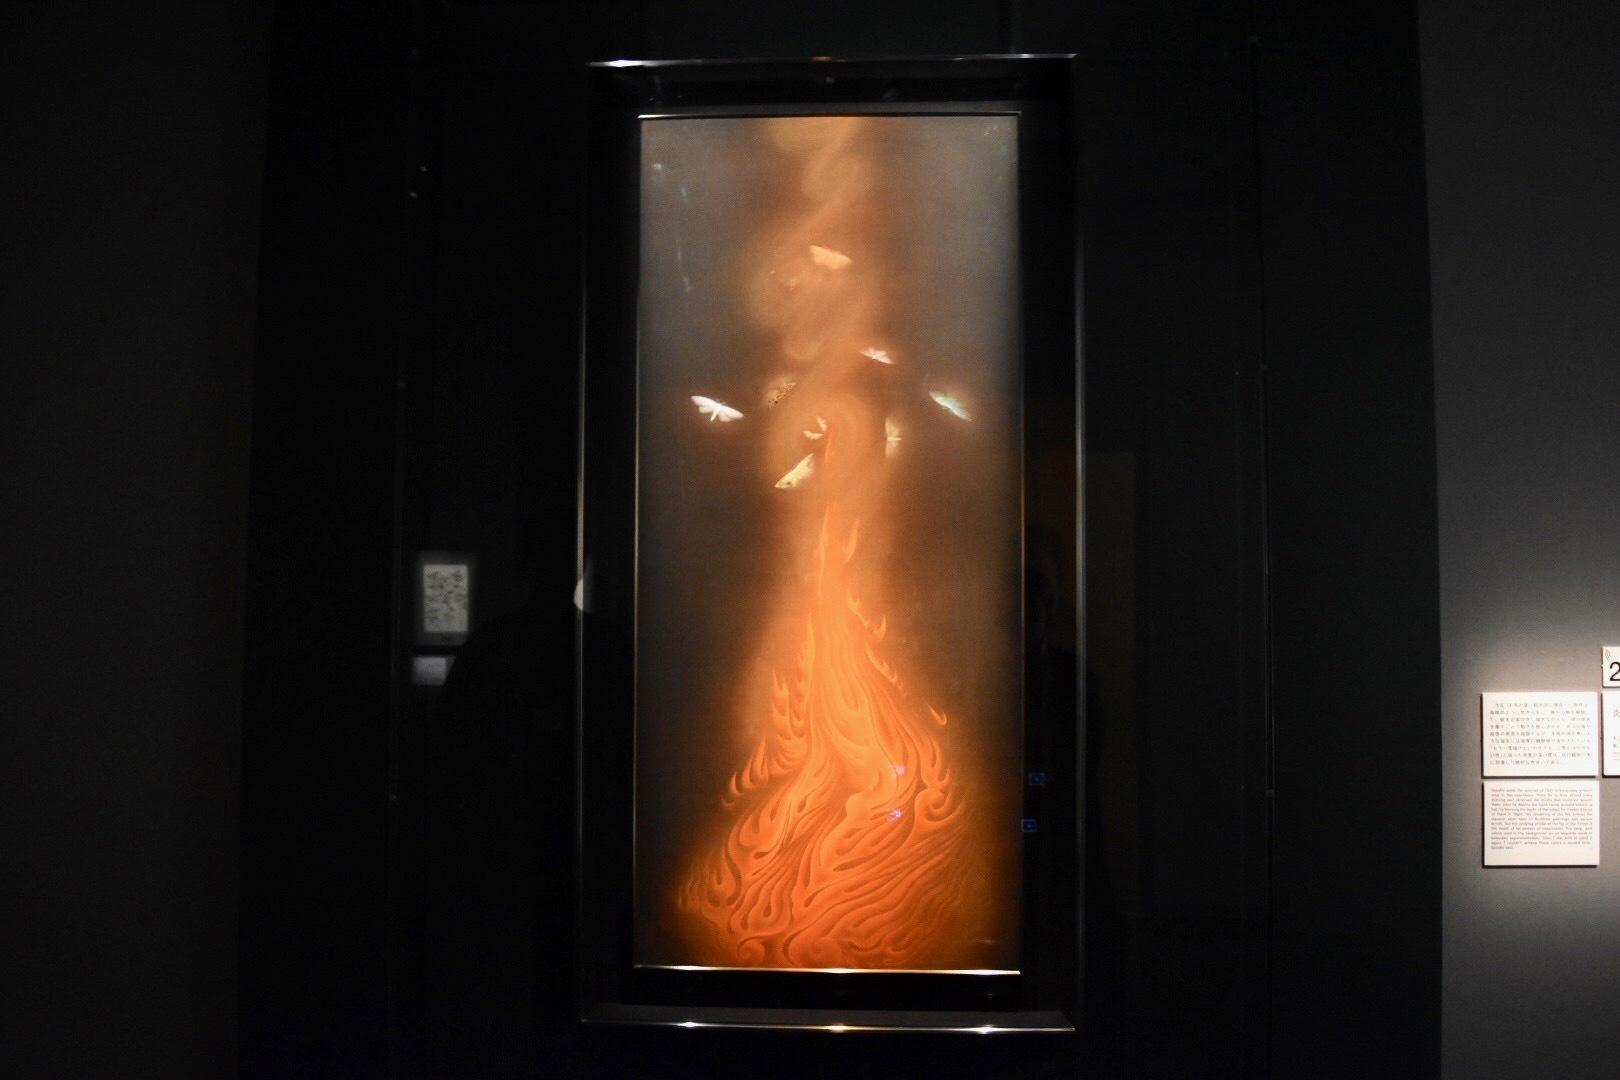 速水御舟 《炎舞》(重要文化財) 大正14年 山種美術館蔵